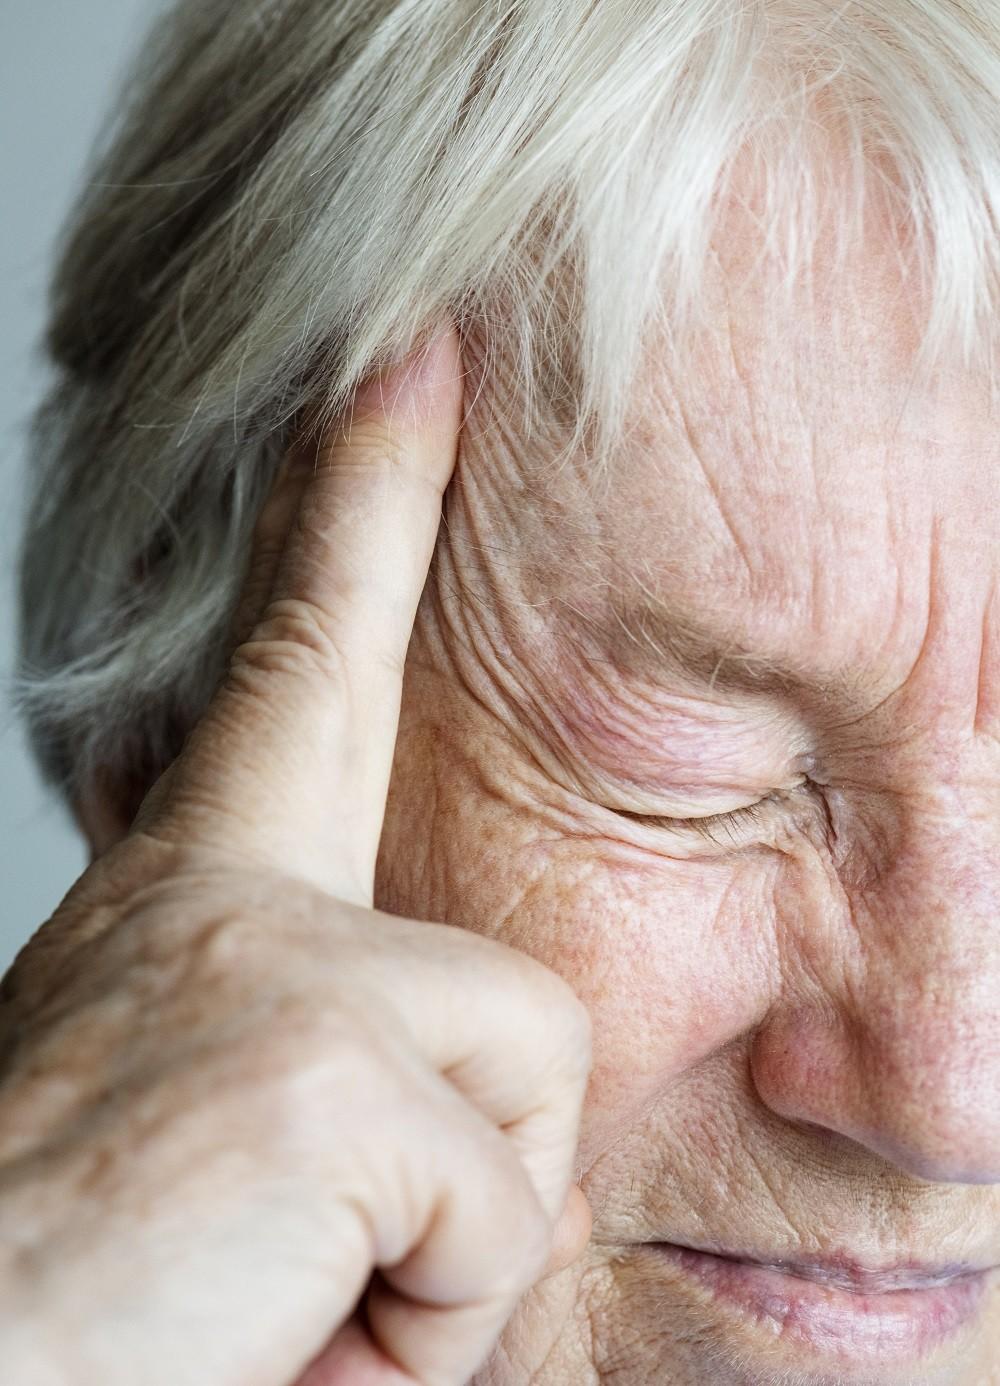 La migraña causa un dolor insoportable de cabeza